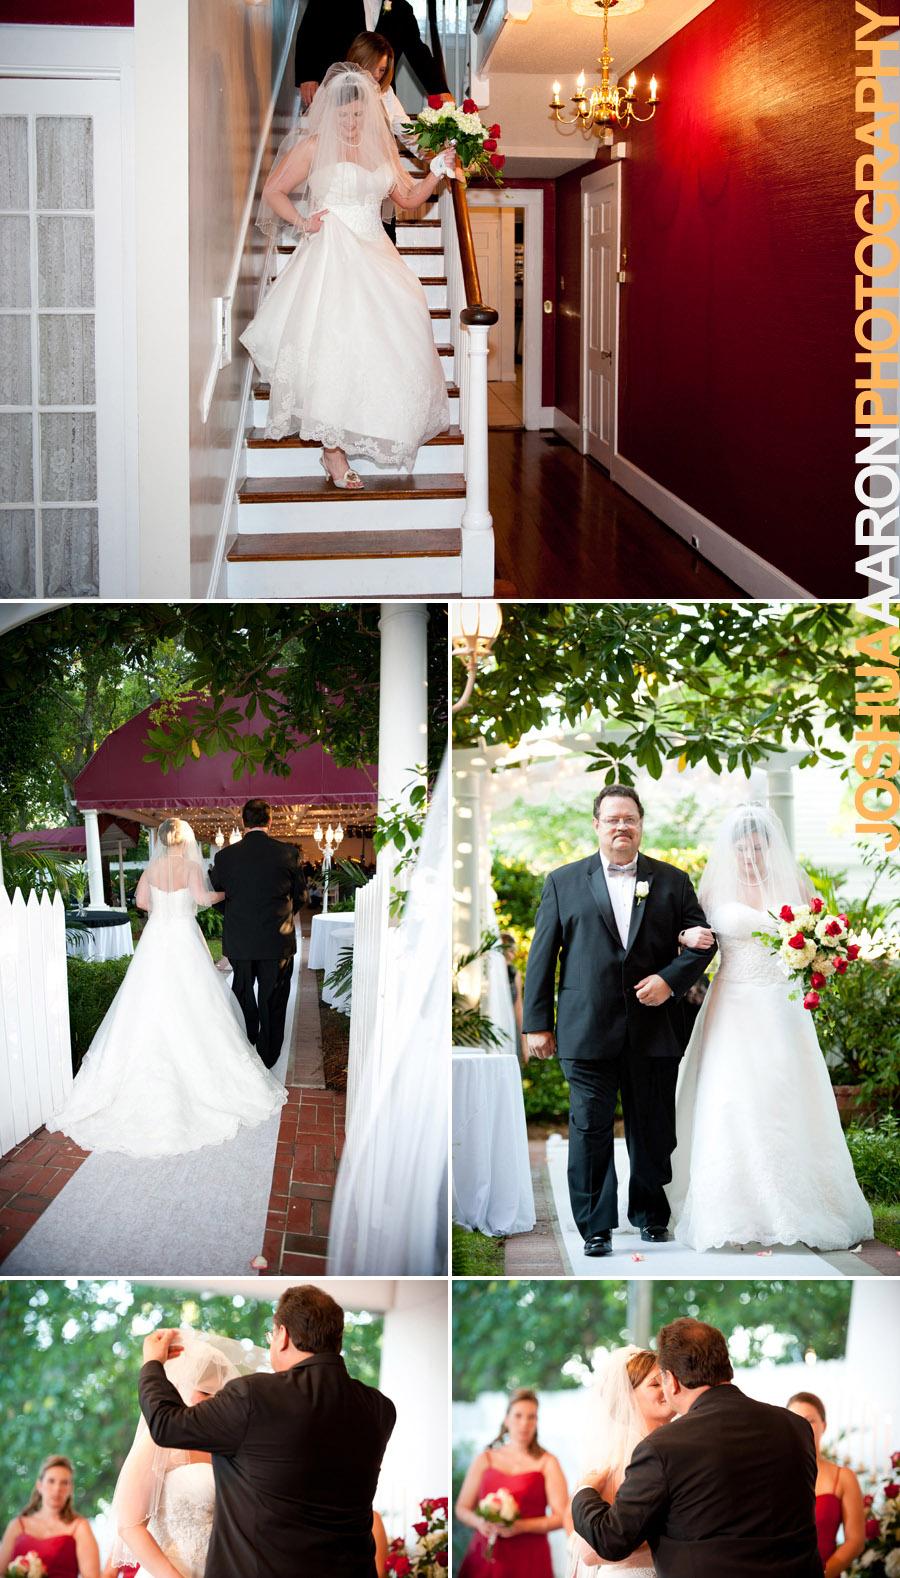 Amanda and Jason Wedding Ceremony